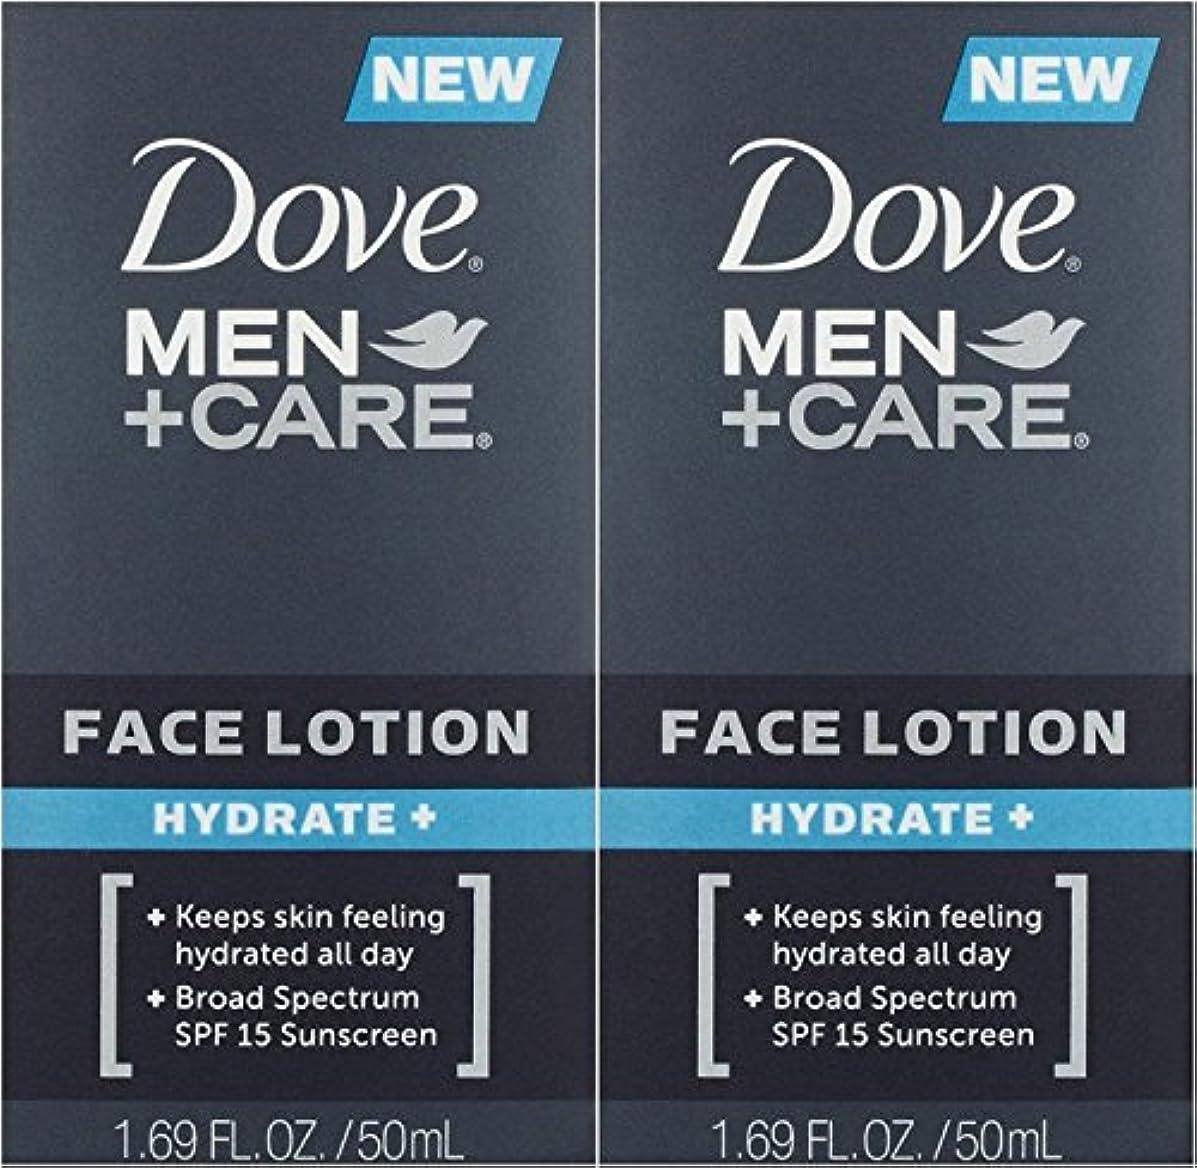 電圧ホイッスル興奮する【アメリカ発送】 Dove Men+Care Face Lotion, Hydrate+ 1.69 oz ダブ 男性用 フェイスローション 潤い SPF 15 50ml